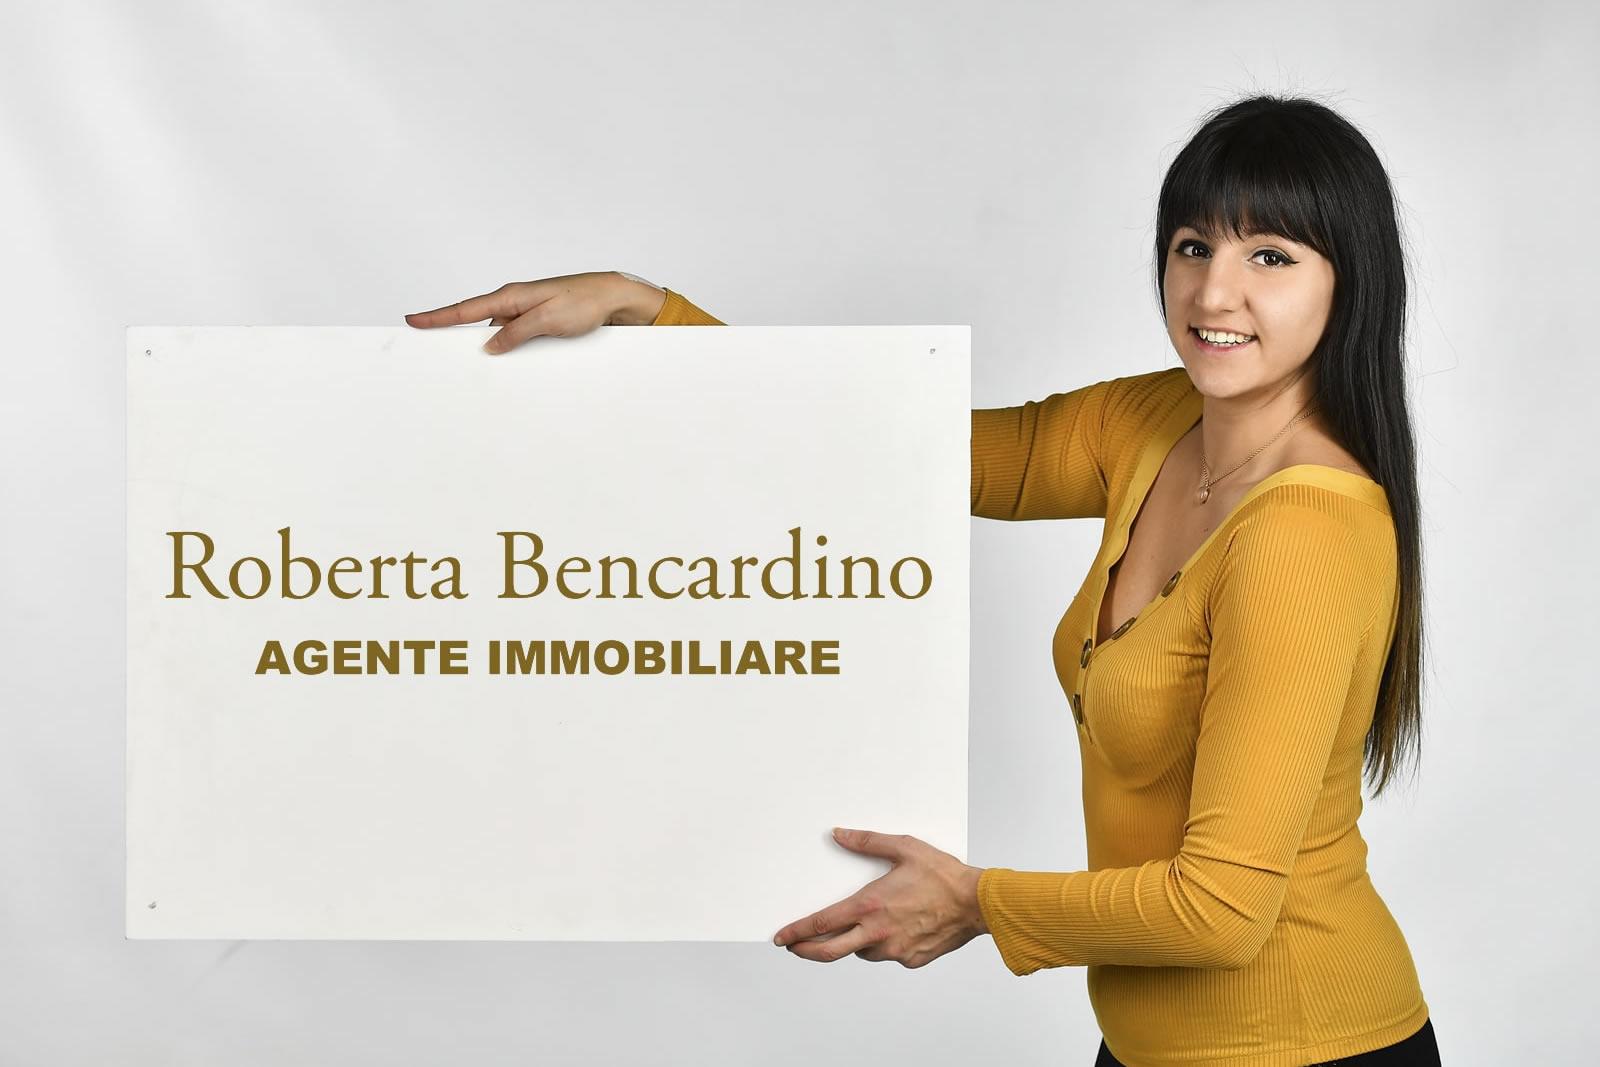 Roberta Bencardino